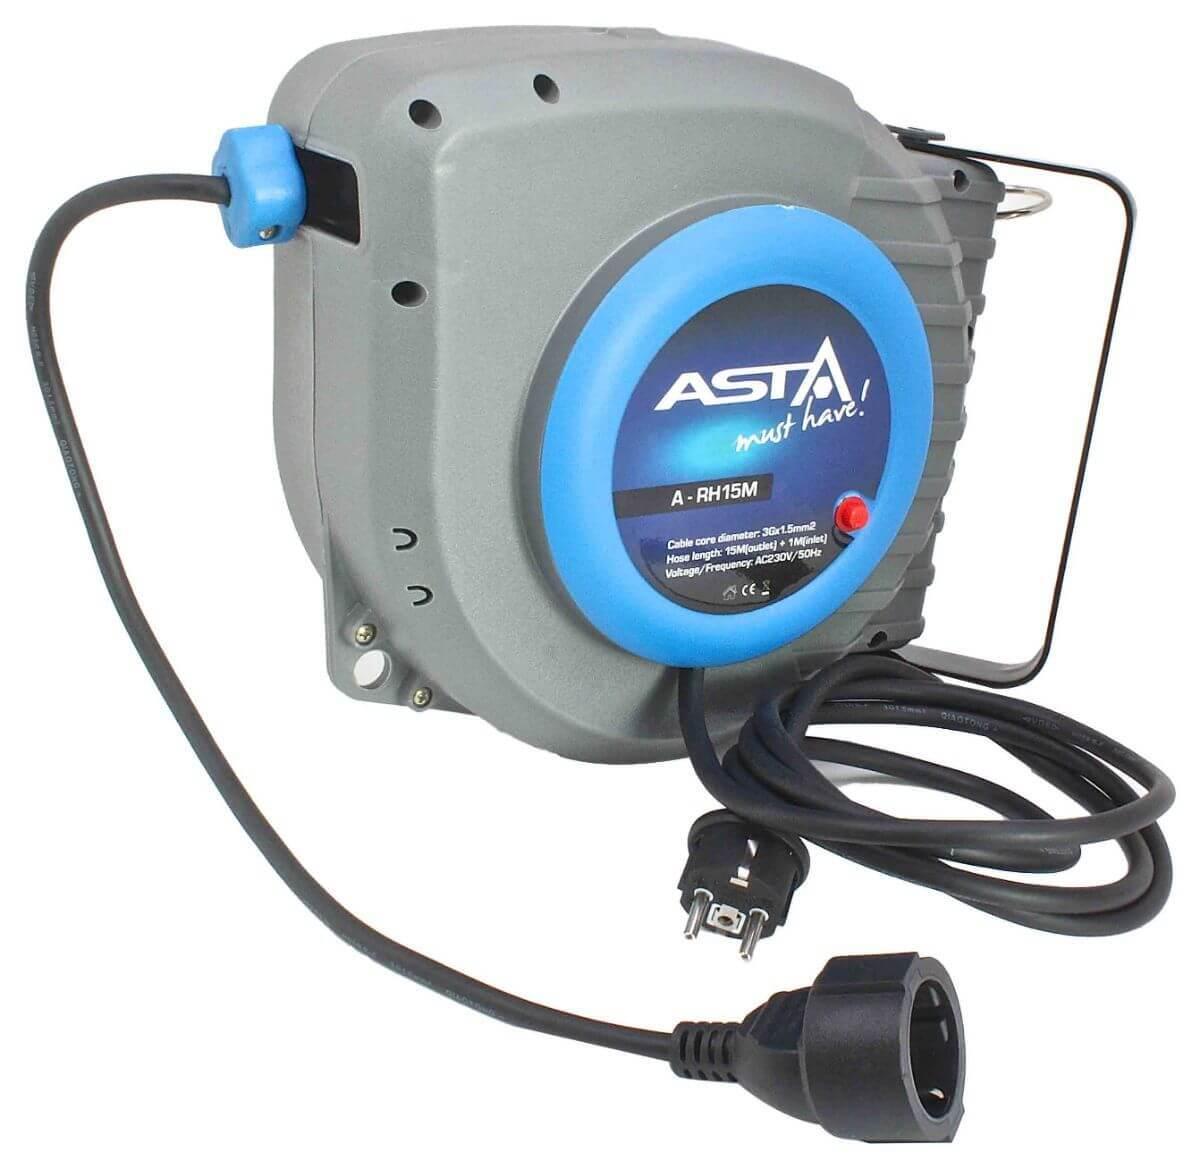 Samonavíjecí prodlužovací kabel s bubnem, 230V, délka 15 metrů - ASTA